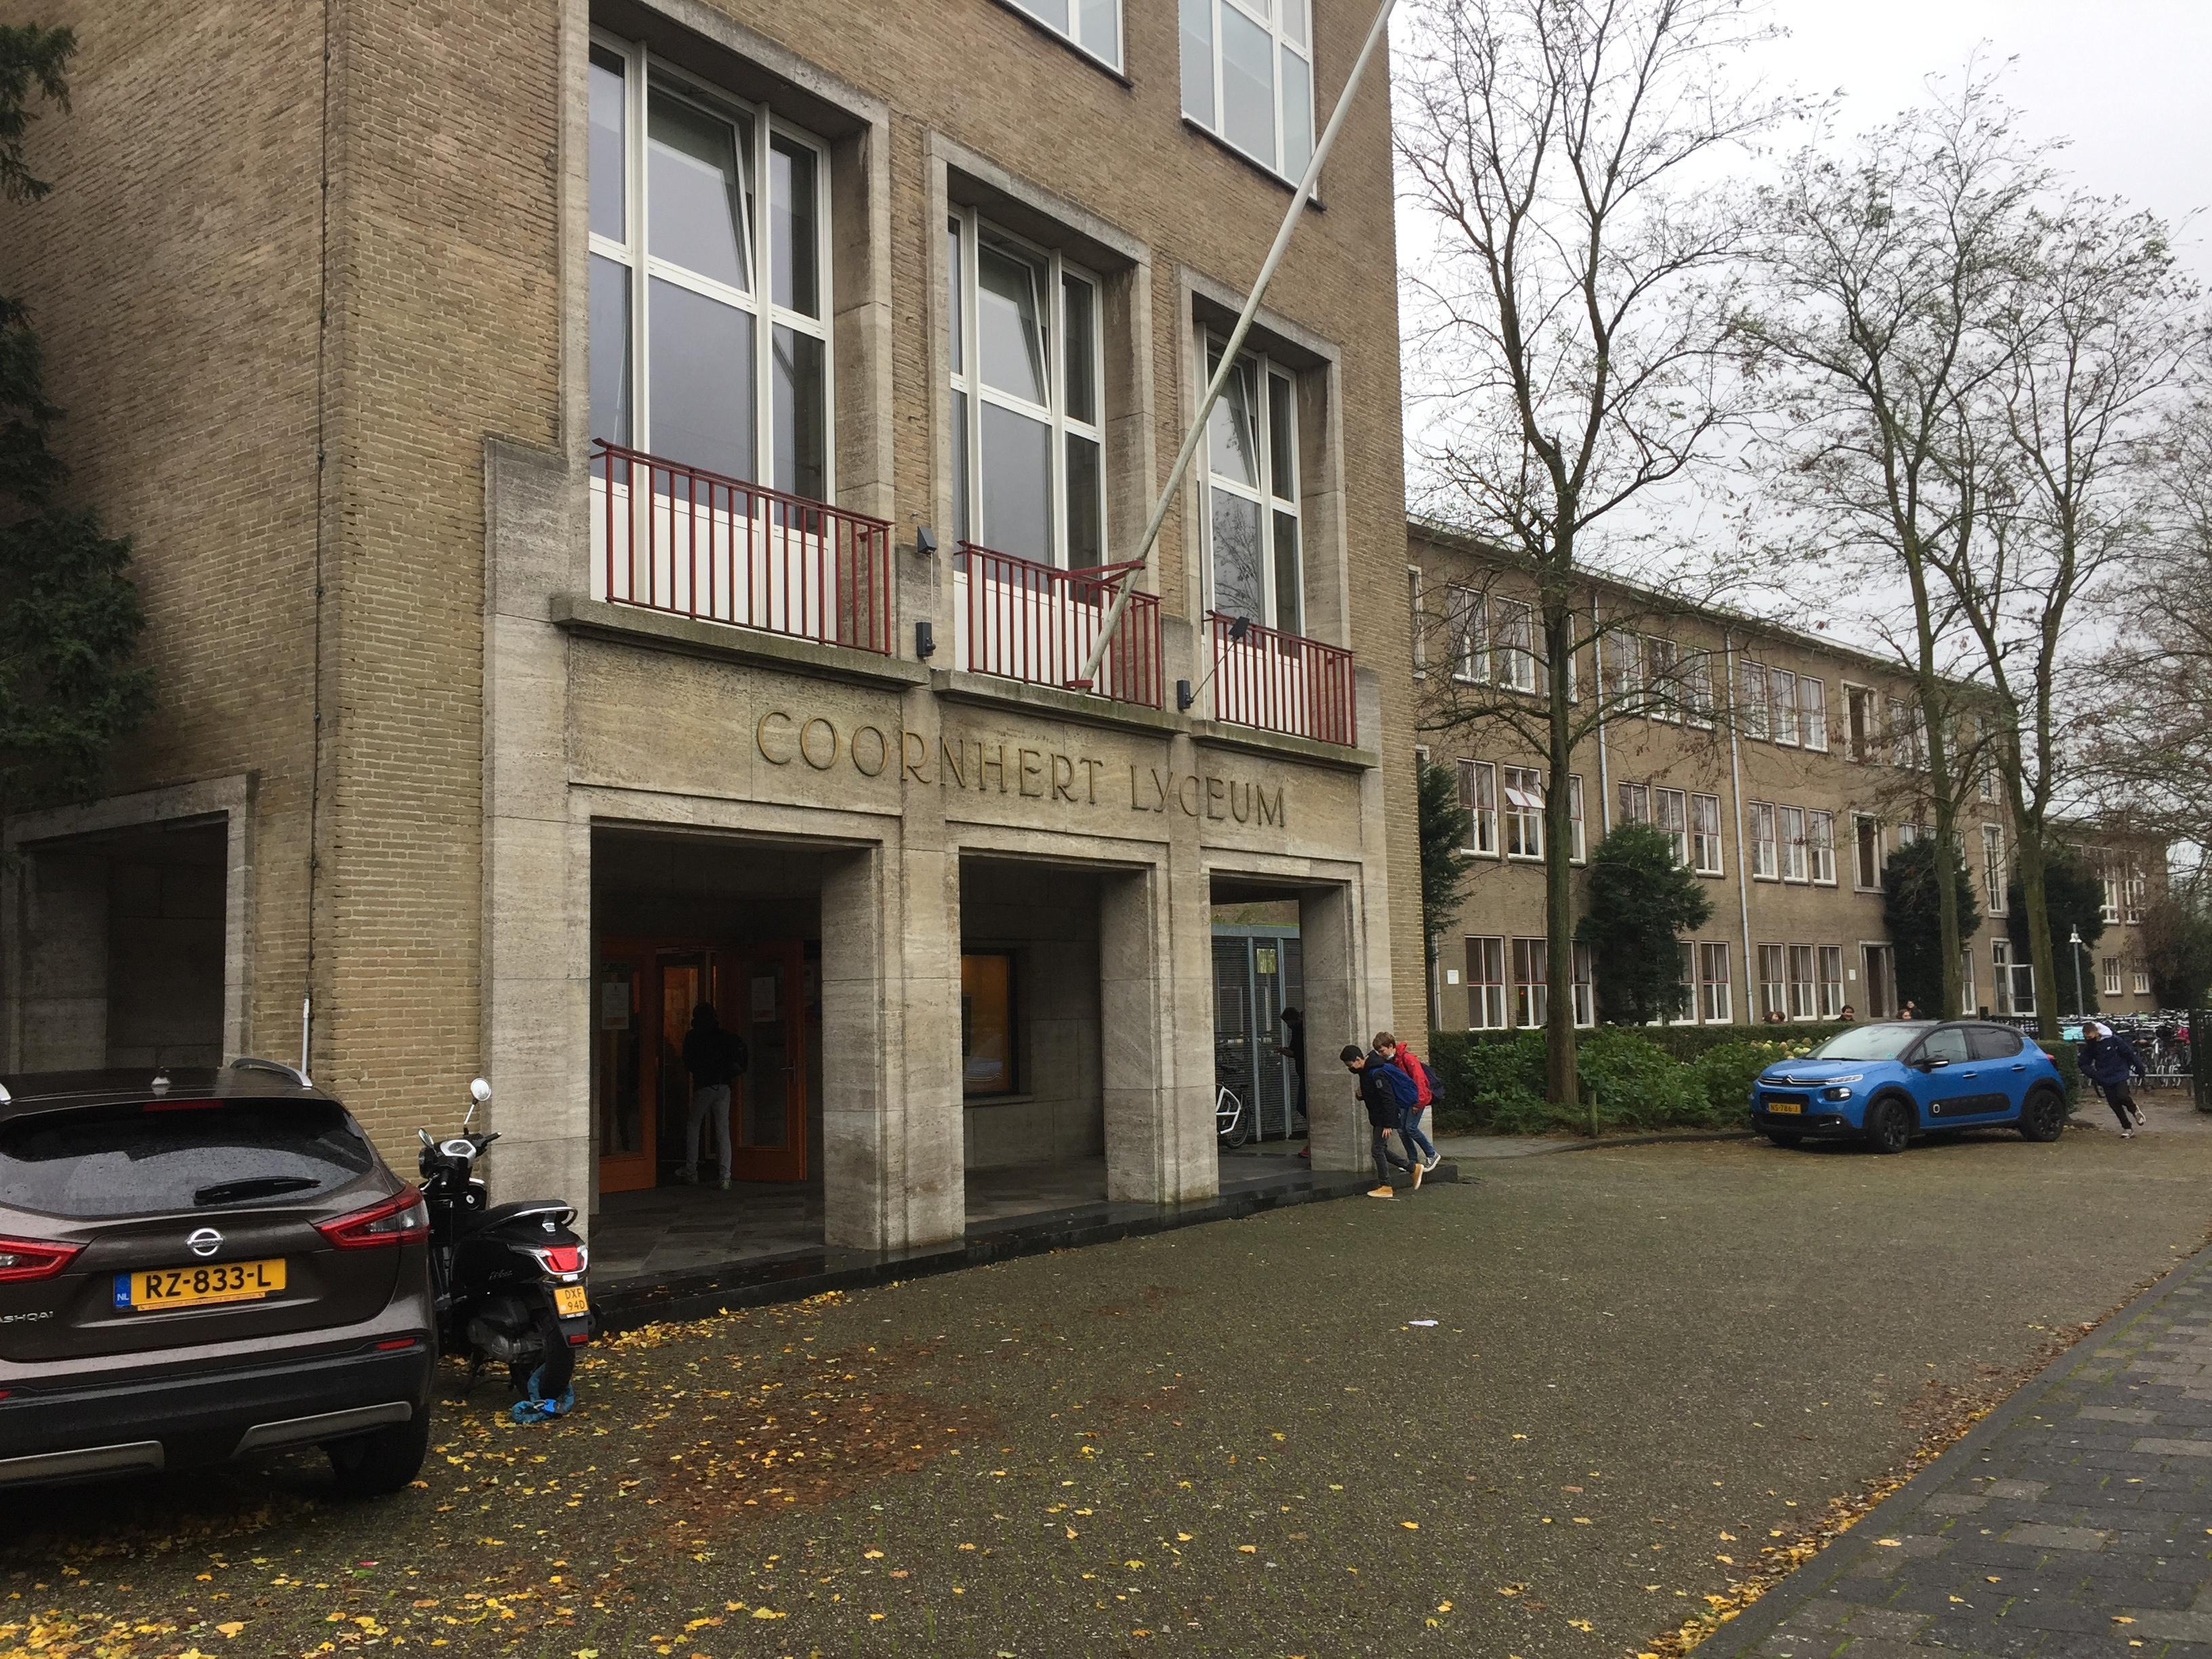 Middelbare scholen in Zuid-Kennemerland verwachten geen sluiting wegens corona: 'Een lockdown is schadelijk voor het welzijn van onze leerlingen'